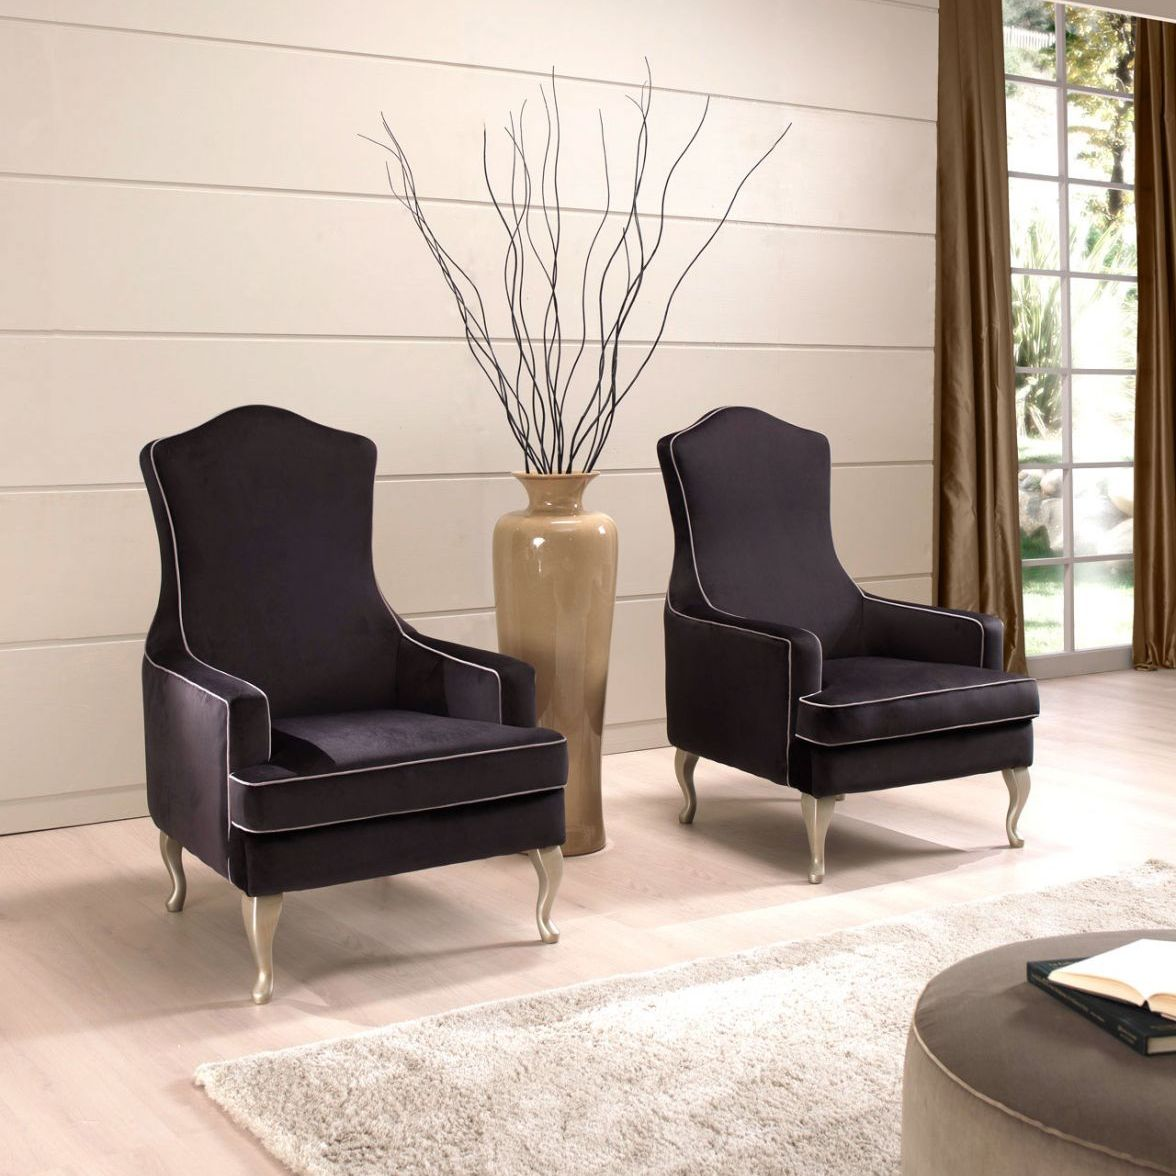 Liz armchair фото цена